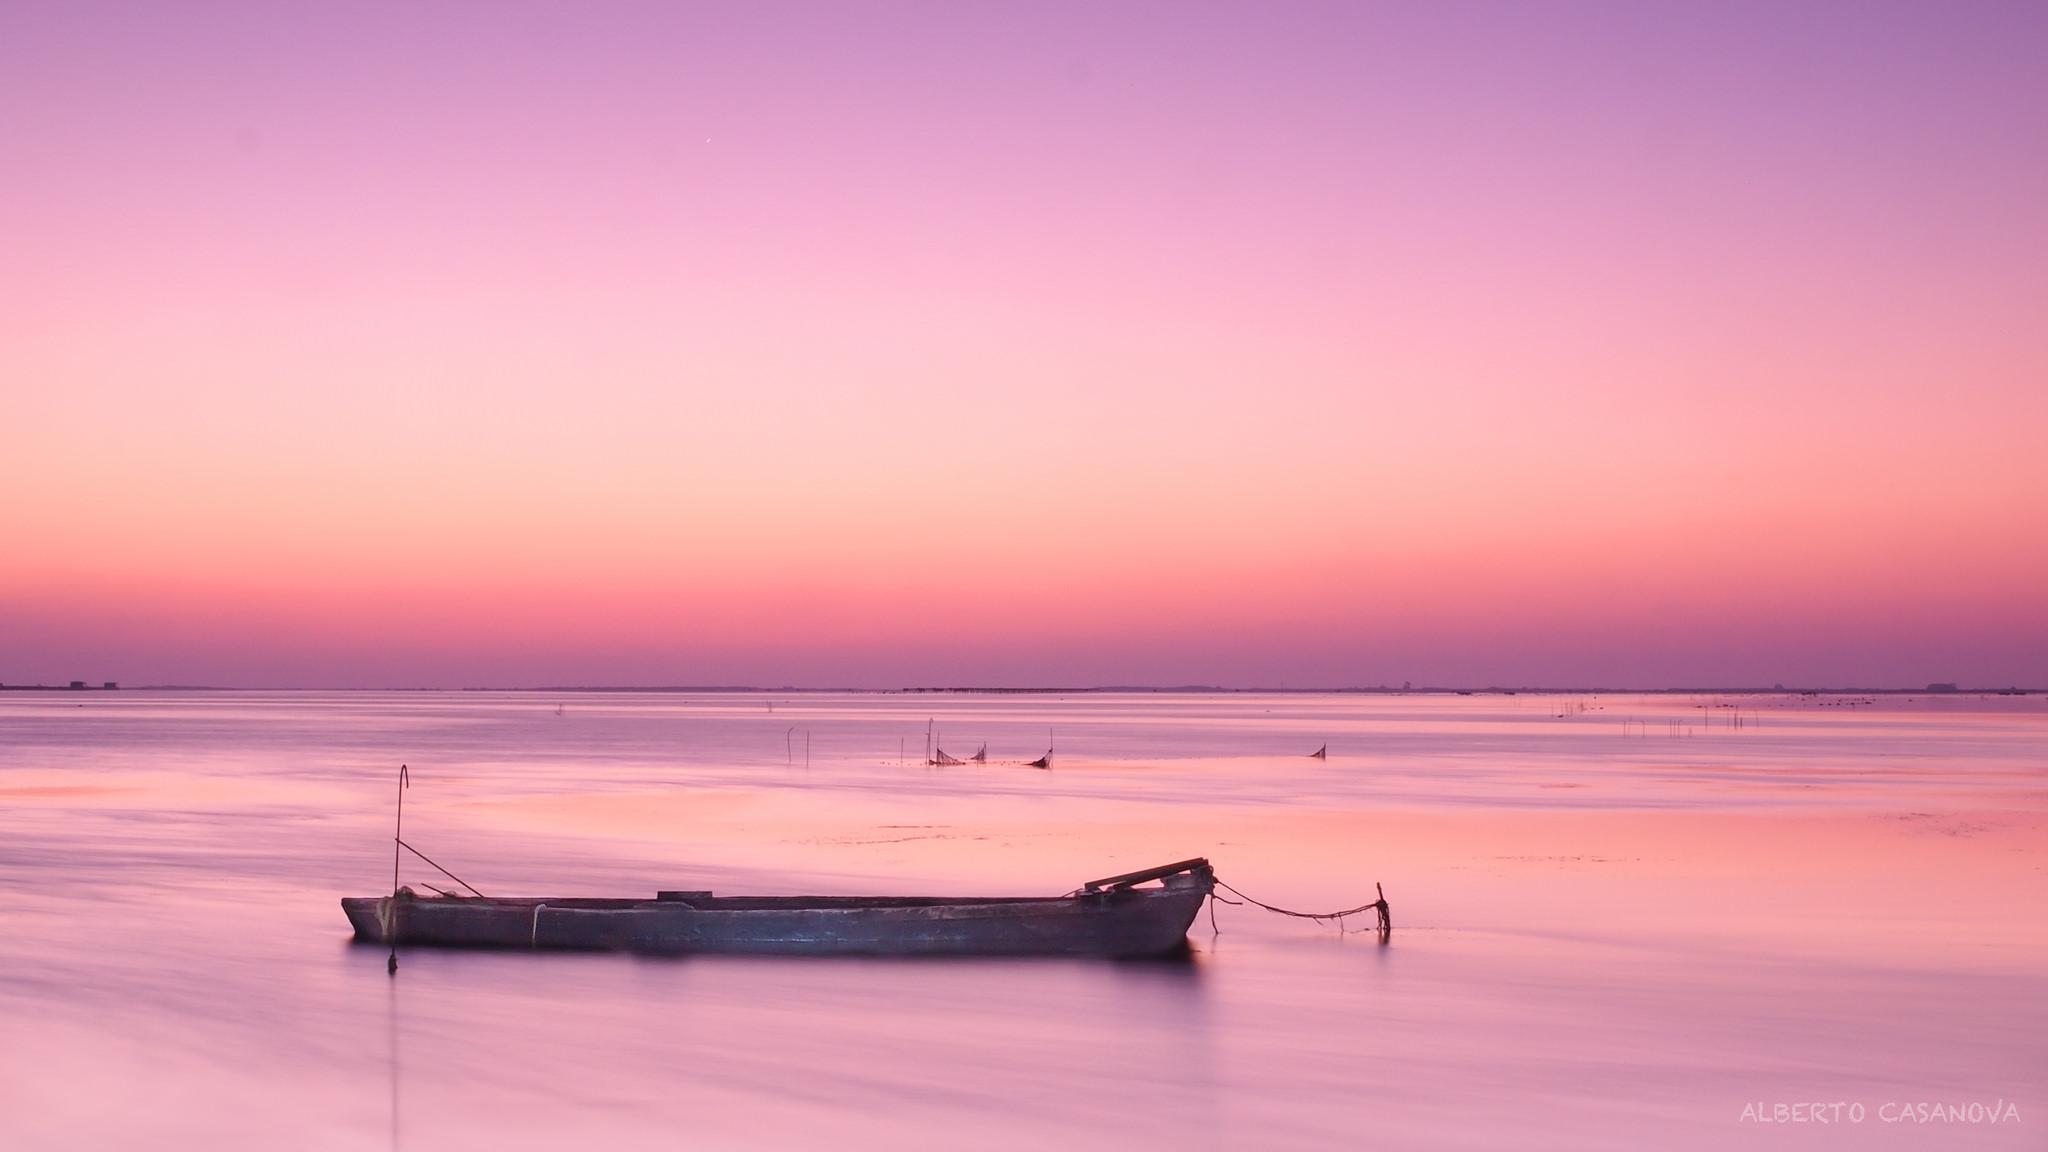 Atardecer de color rosado - 2048x1152